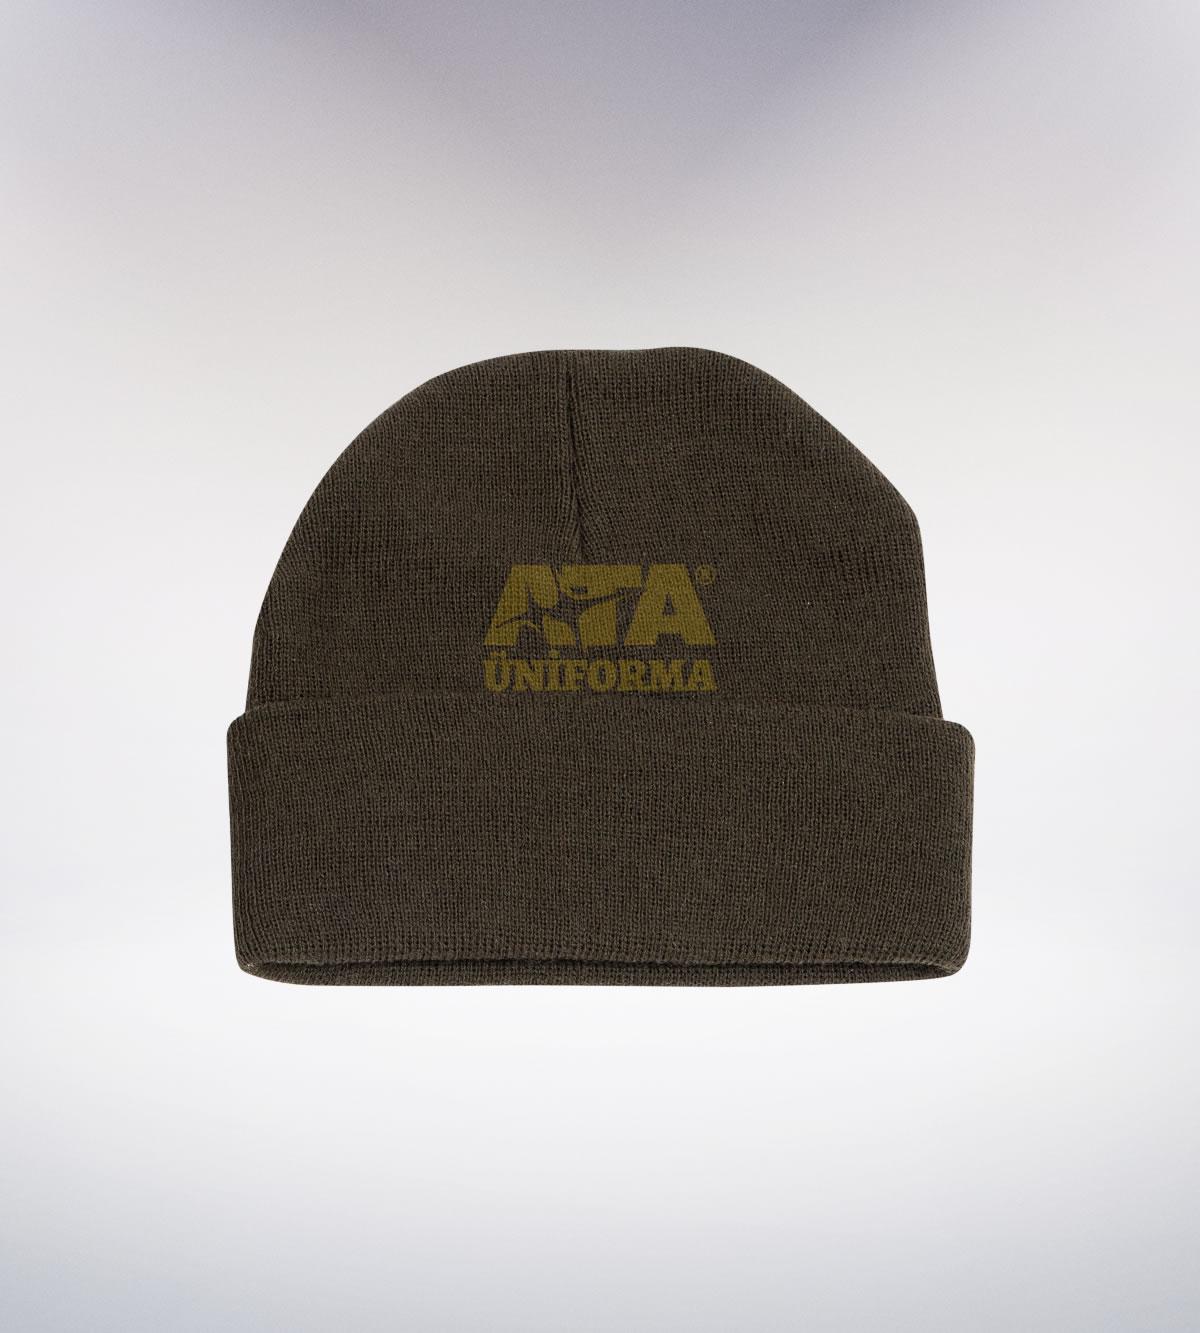 ATA-1112 Asker örgü şapka  - asker elbiseleri | asker üniformaları | asker kıyafetleri